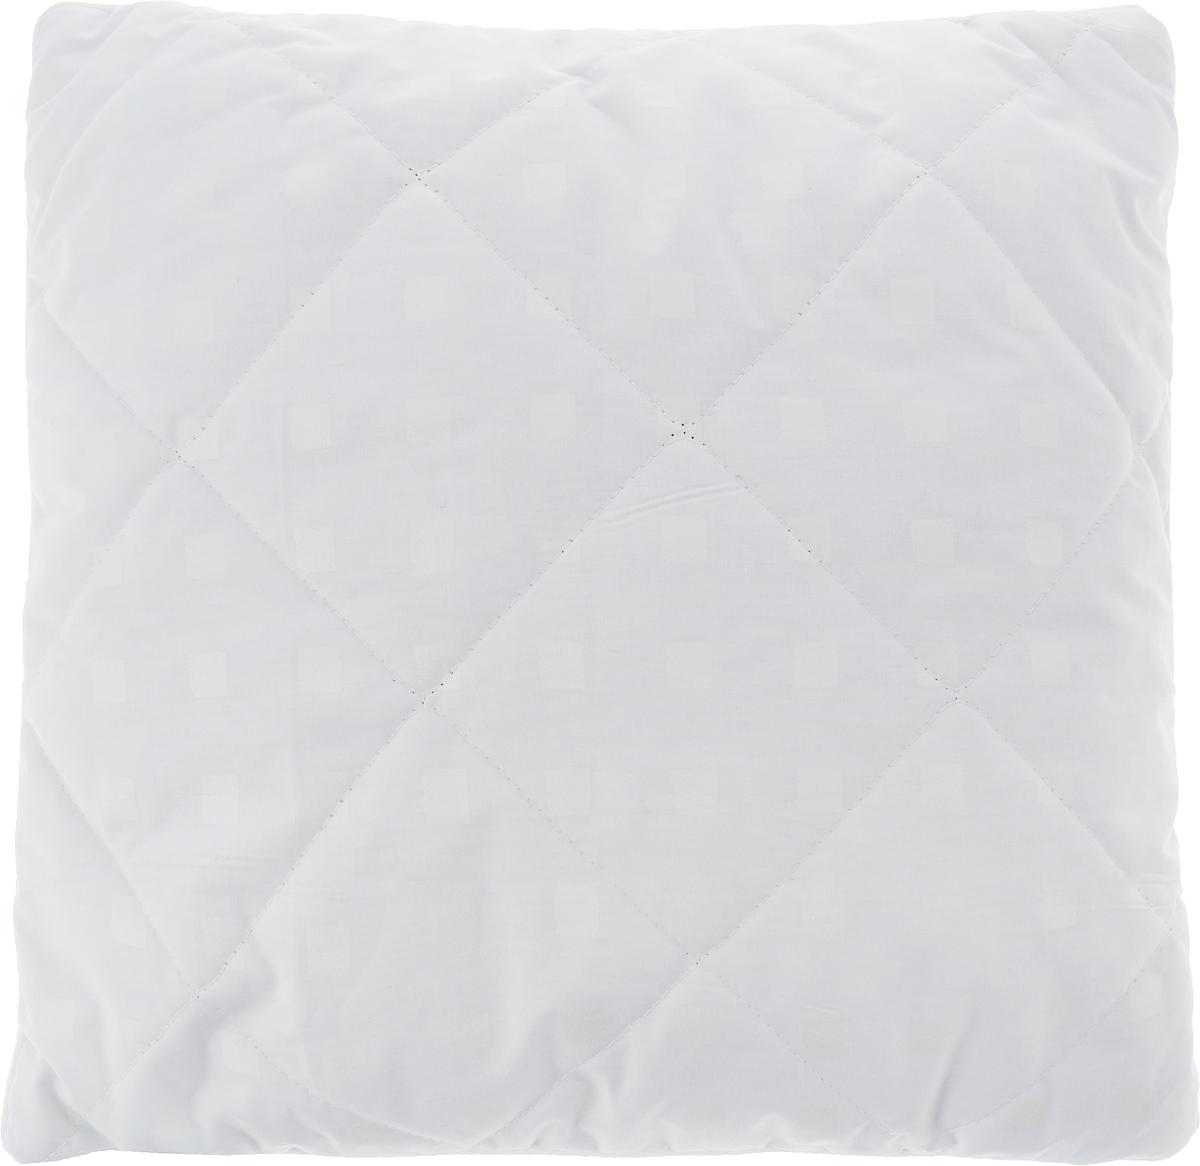 """Подушка Bio-Teхtiles """"Очарование"""", наполнитель: искусственный лебяжий пух, цвет: белый, 40 х 40 см, Bio-Textiles"""